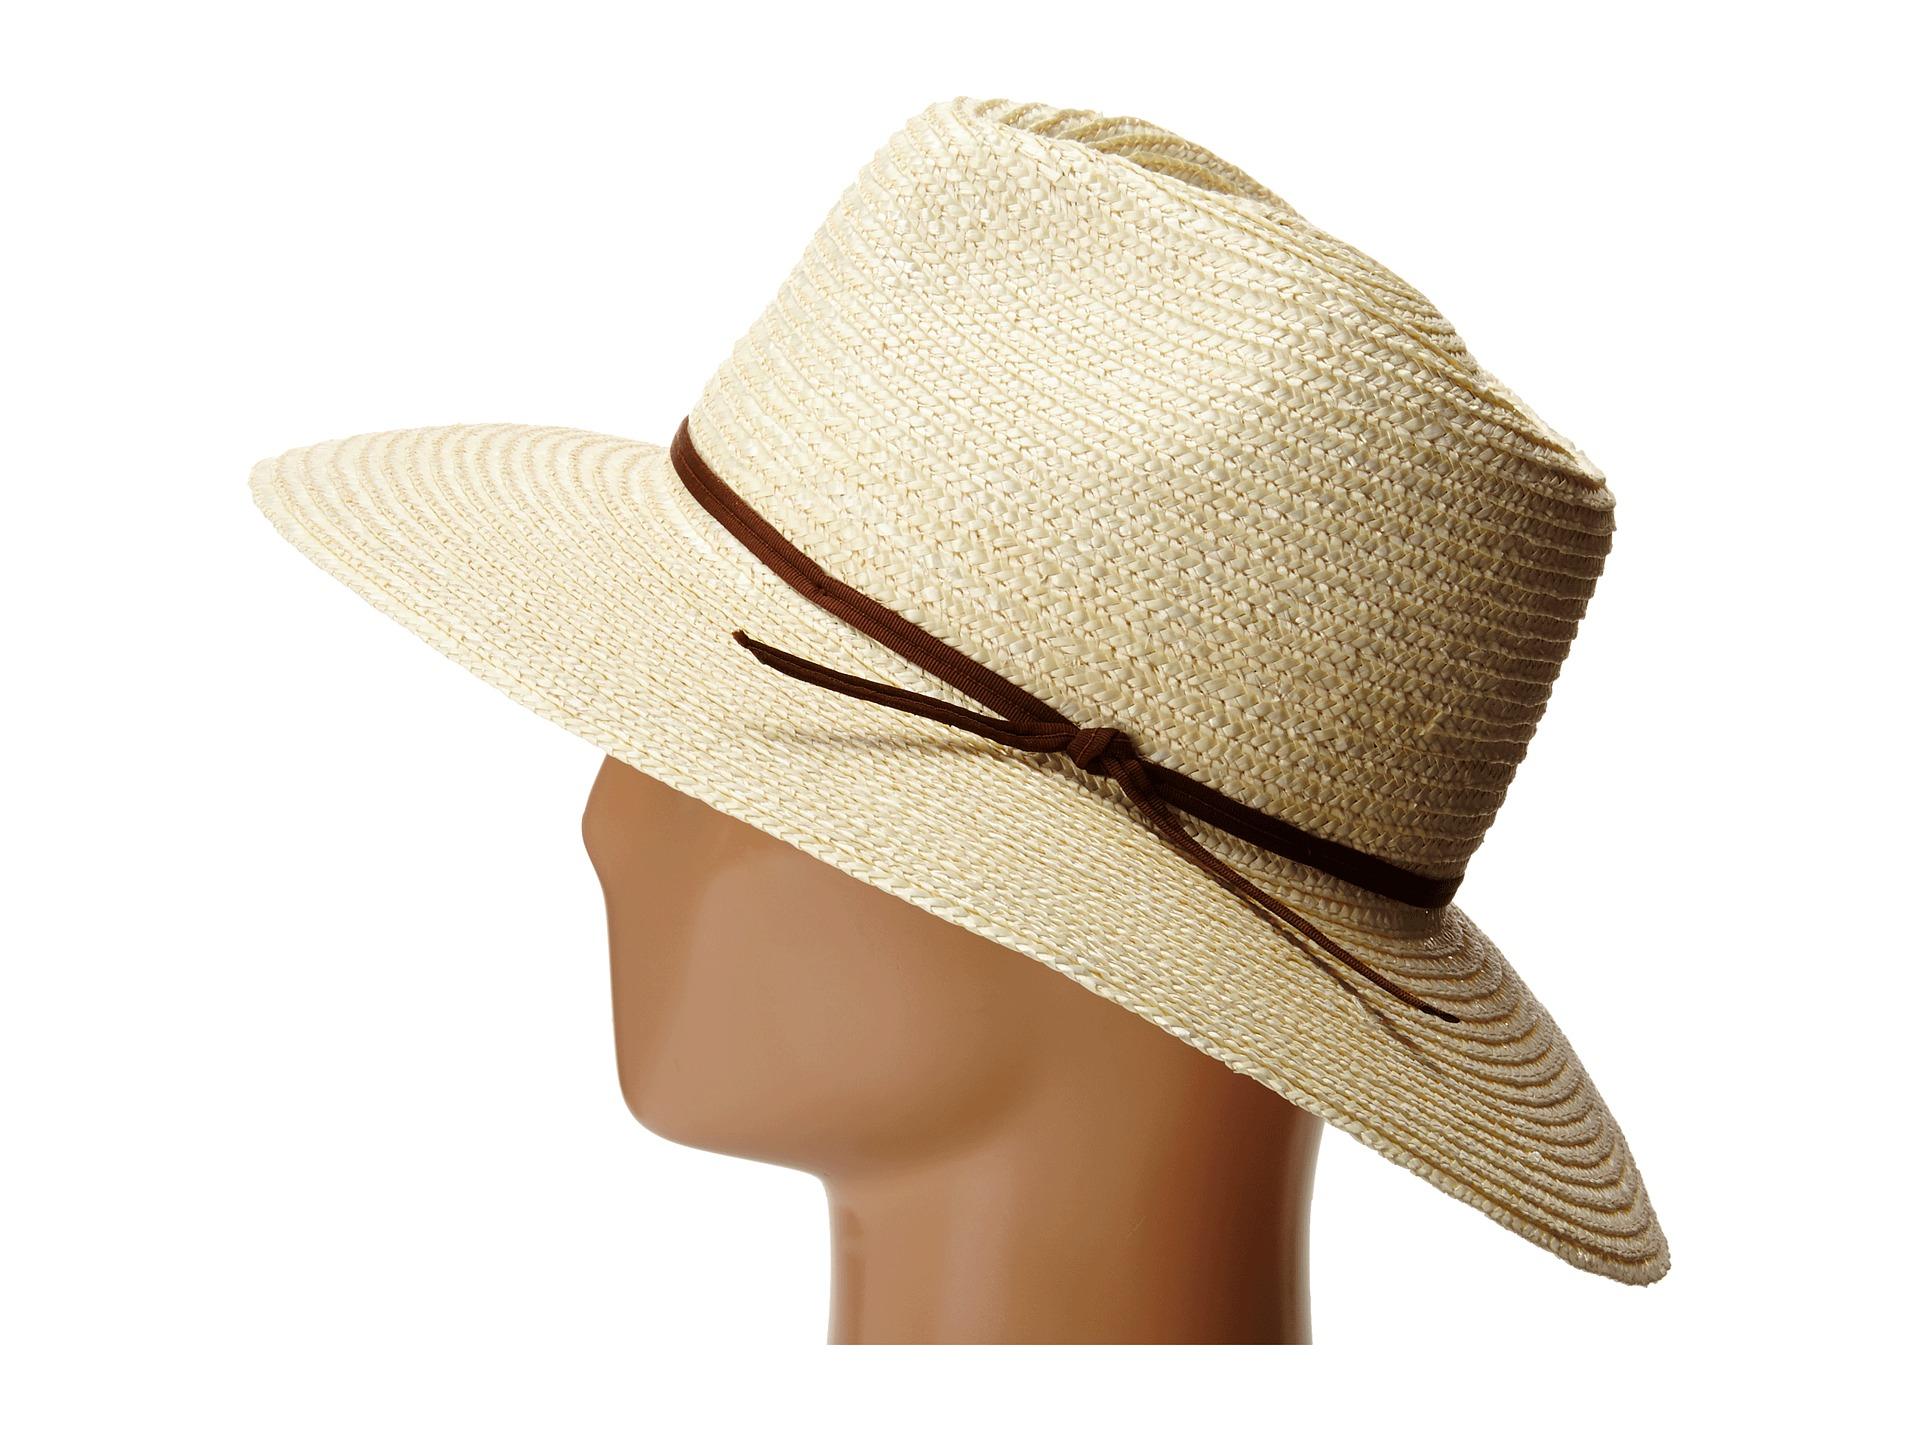 0695e4accb494 ... usa lyst brixton bristol hat in natural 49e73 c781e